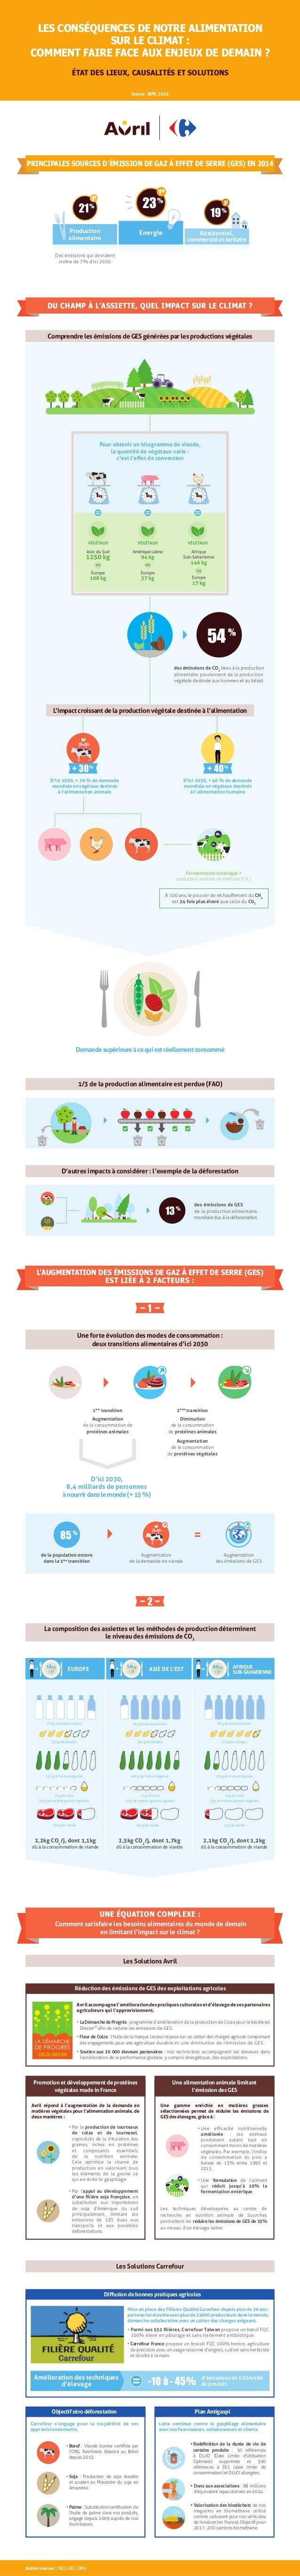 LES CONSÉQUENCES DE NOTRE ALIMENTATION SUR LE CLIMAT : COMMENT FAIRE FACE AUX ENJEUX DE DEMAIN ? ÉTAT DES LIEUX, CAUSALITÉ...